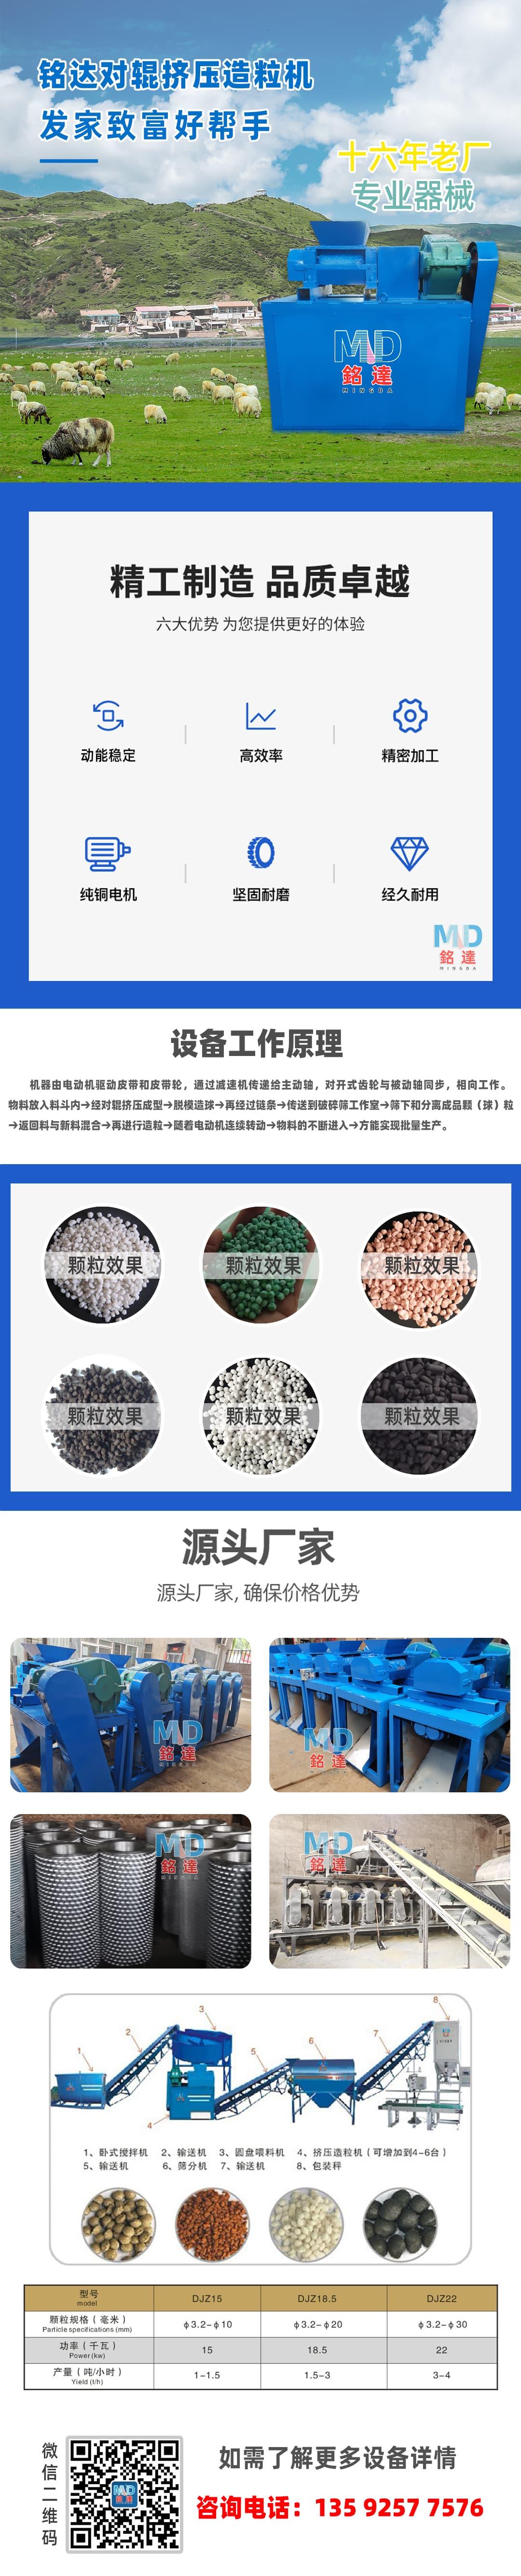 有机肥造粒机详情页-压缩.jpg